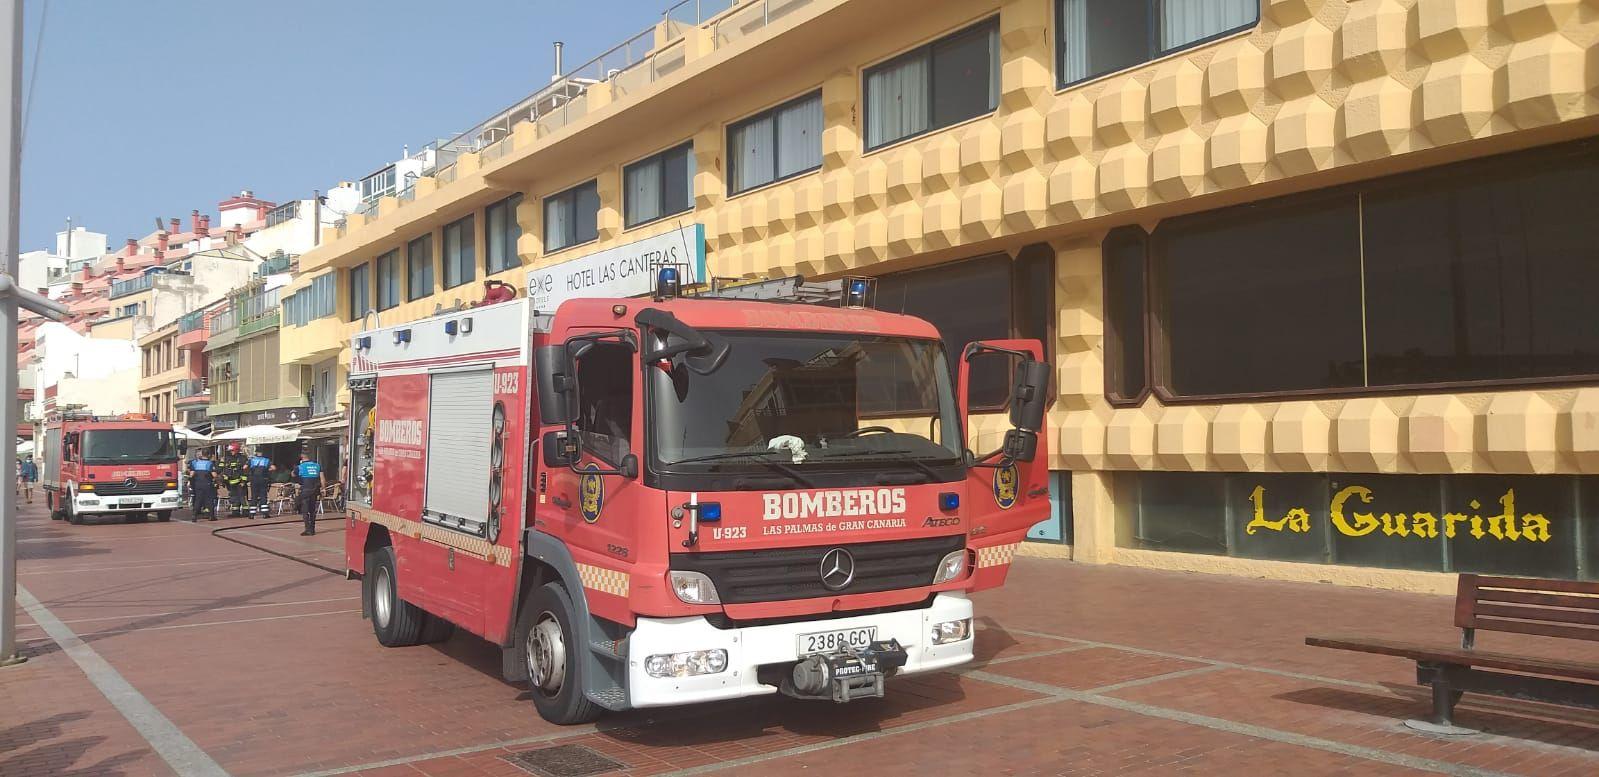 Incendio en un hotel en obras de Las Canteras